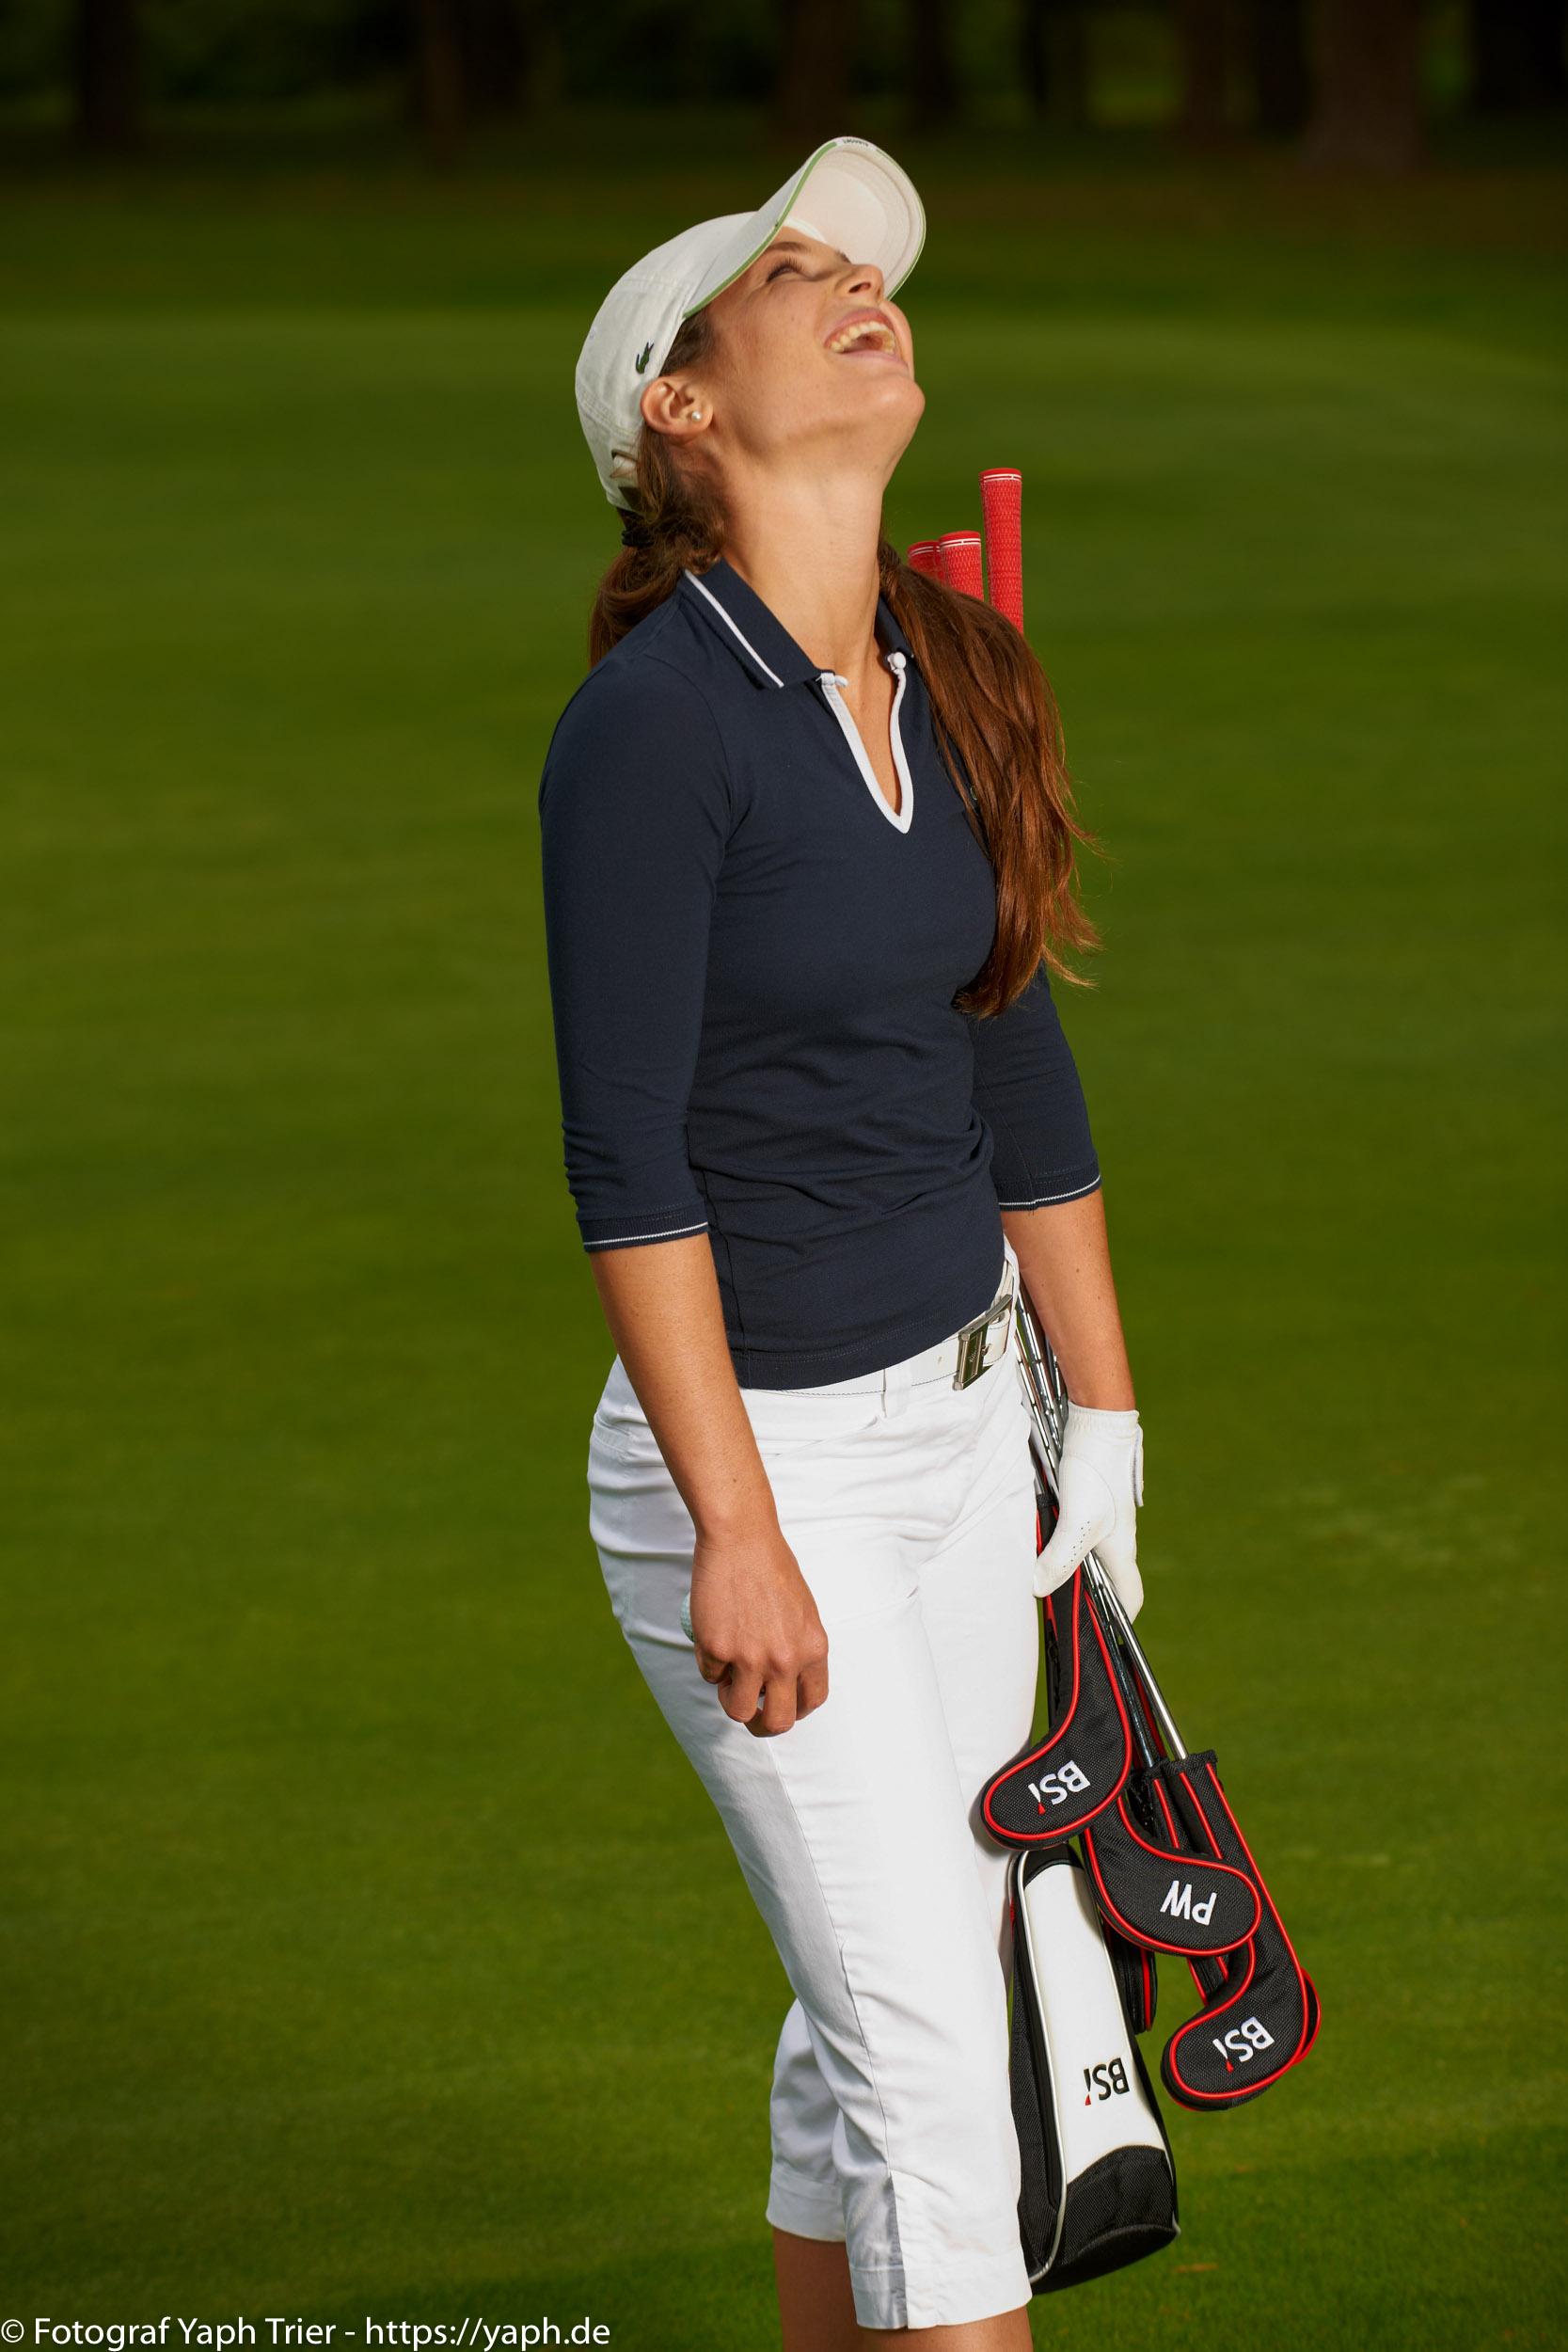 Liebelei Elena Lawrence - luxemburger Golfspielerin bei Fotograf Yaph - 34